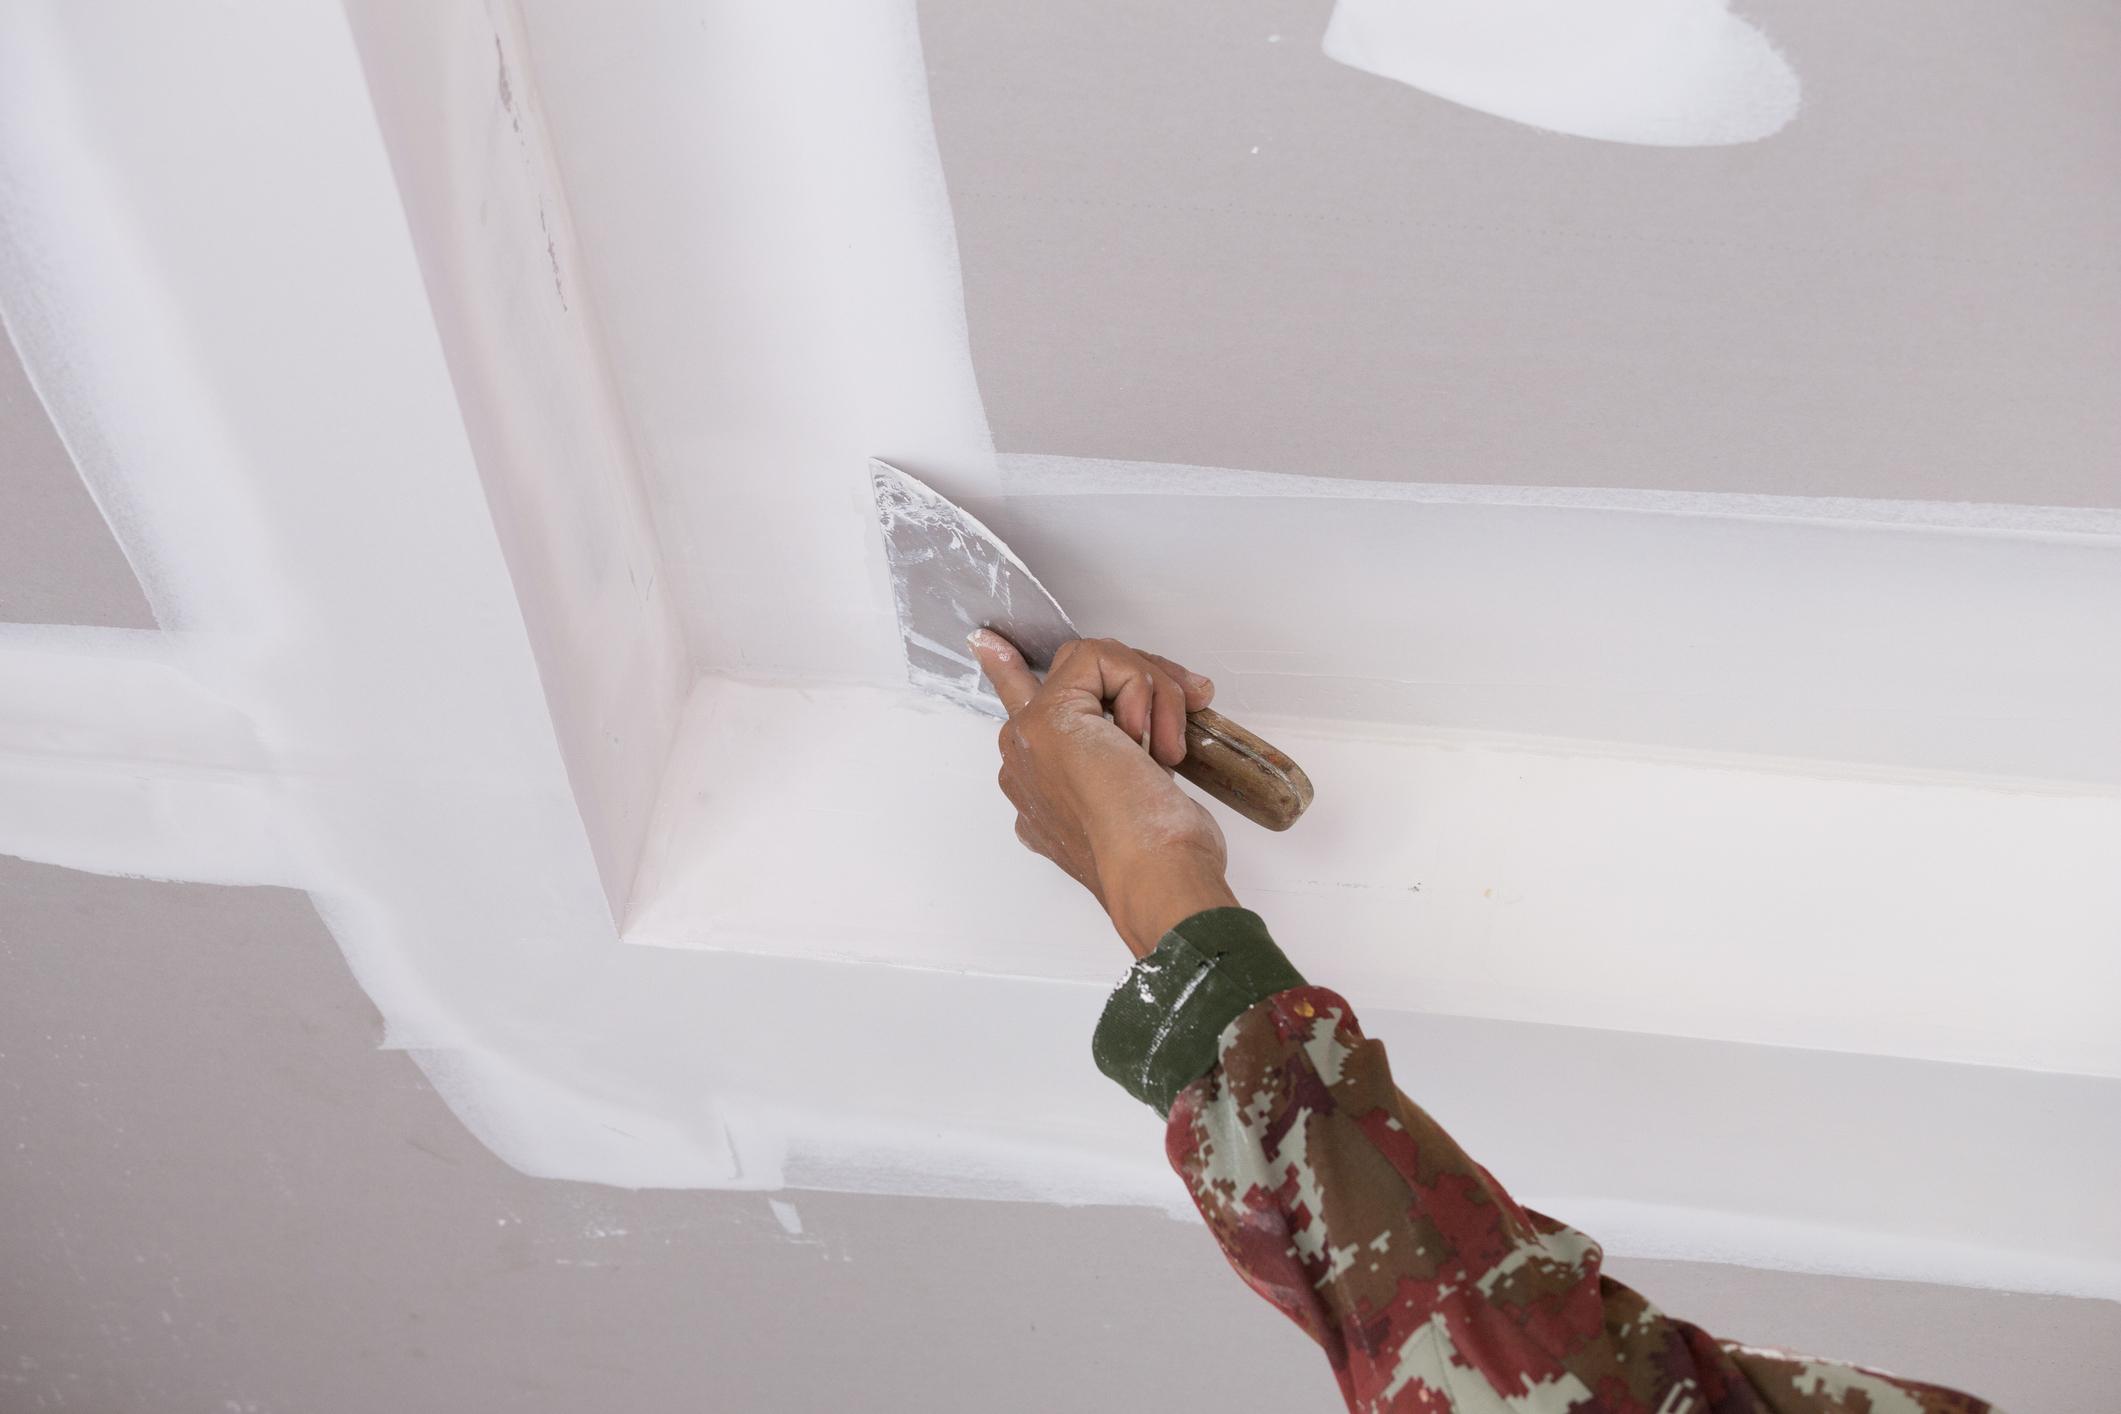 Как шпаклевать стены своими руками: под обои и под покраску, видео новичку